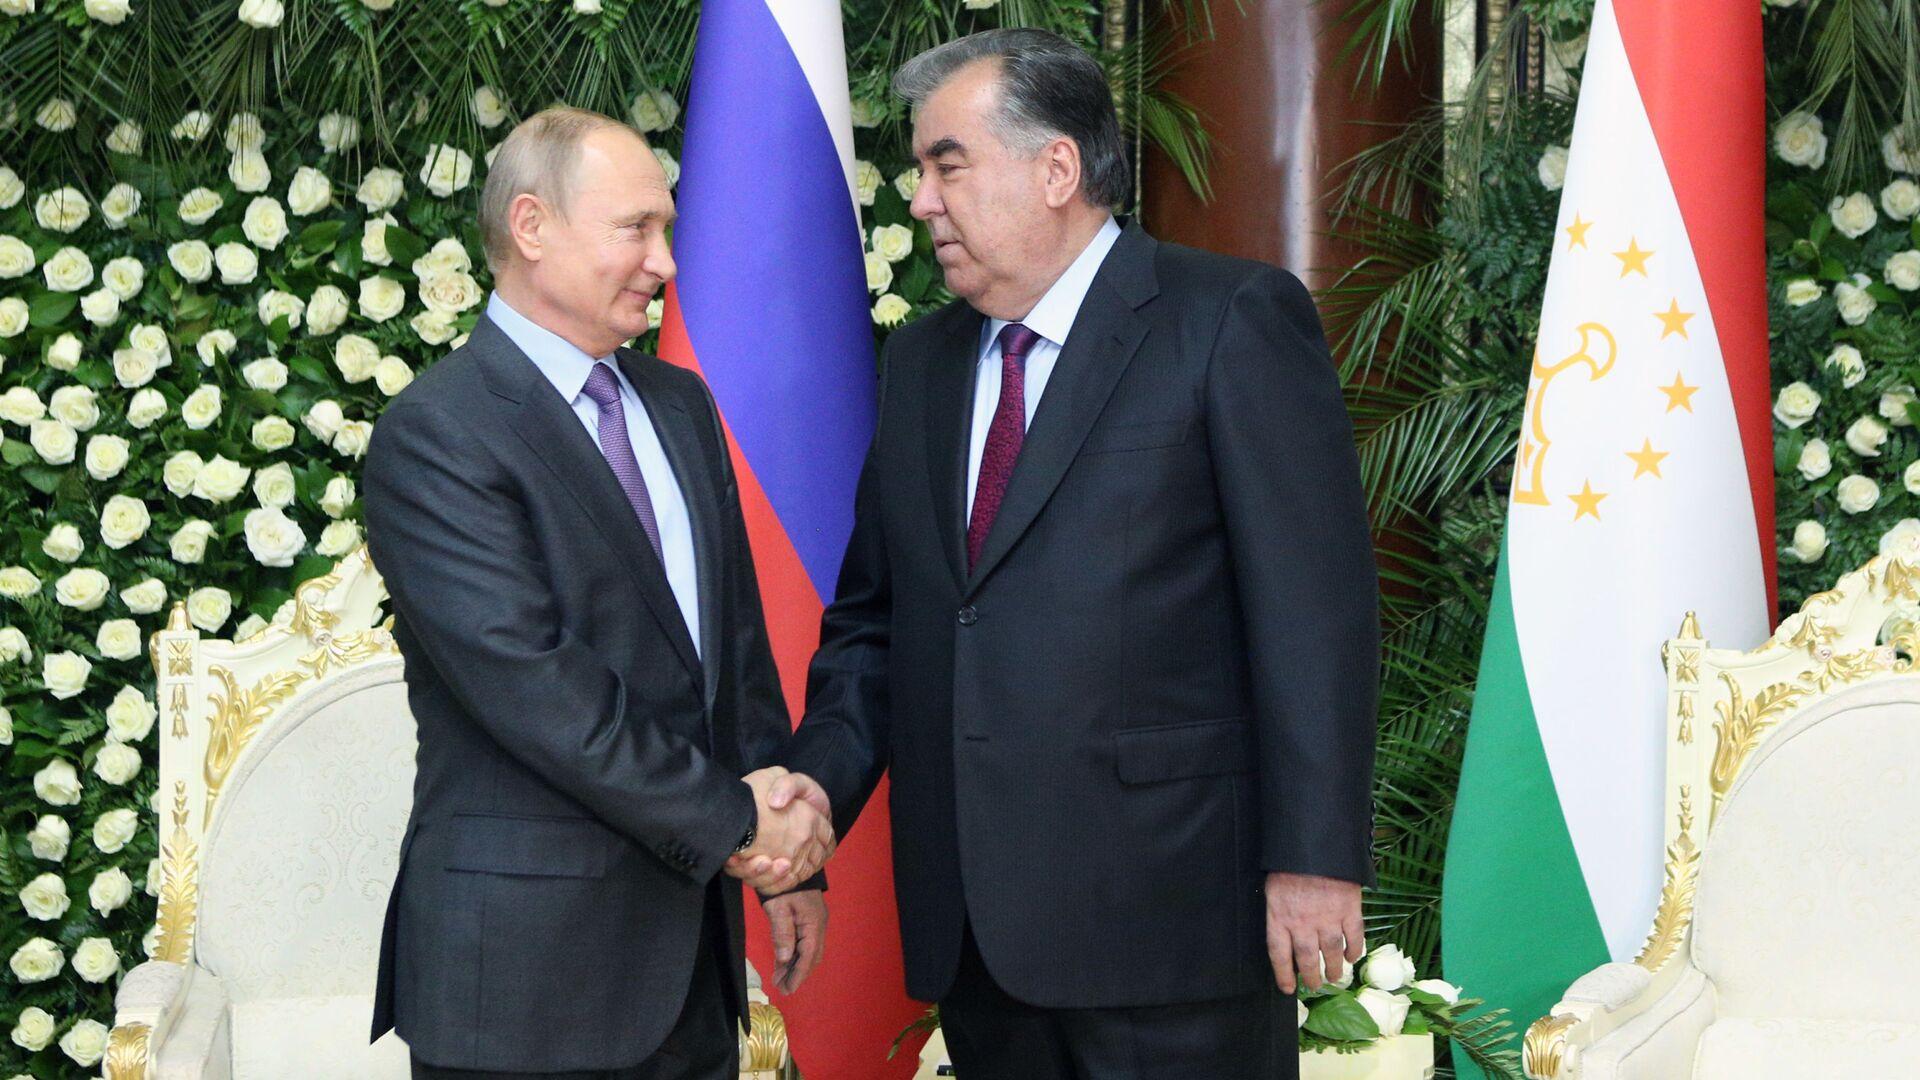 Рабочий визит президента РФ В. Путина в Таджикистан для участия в СВМДА - Sputnik Таджикистан, 1920, 16.09.2021